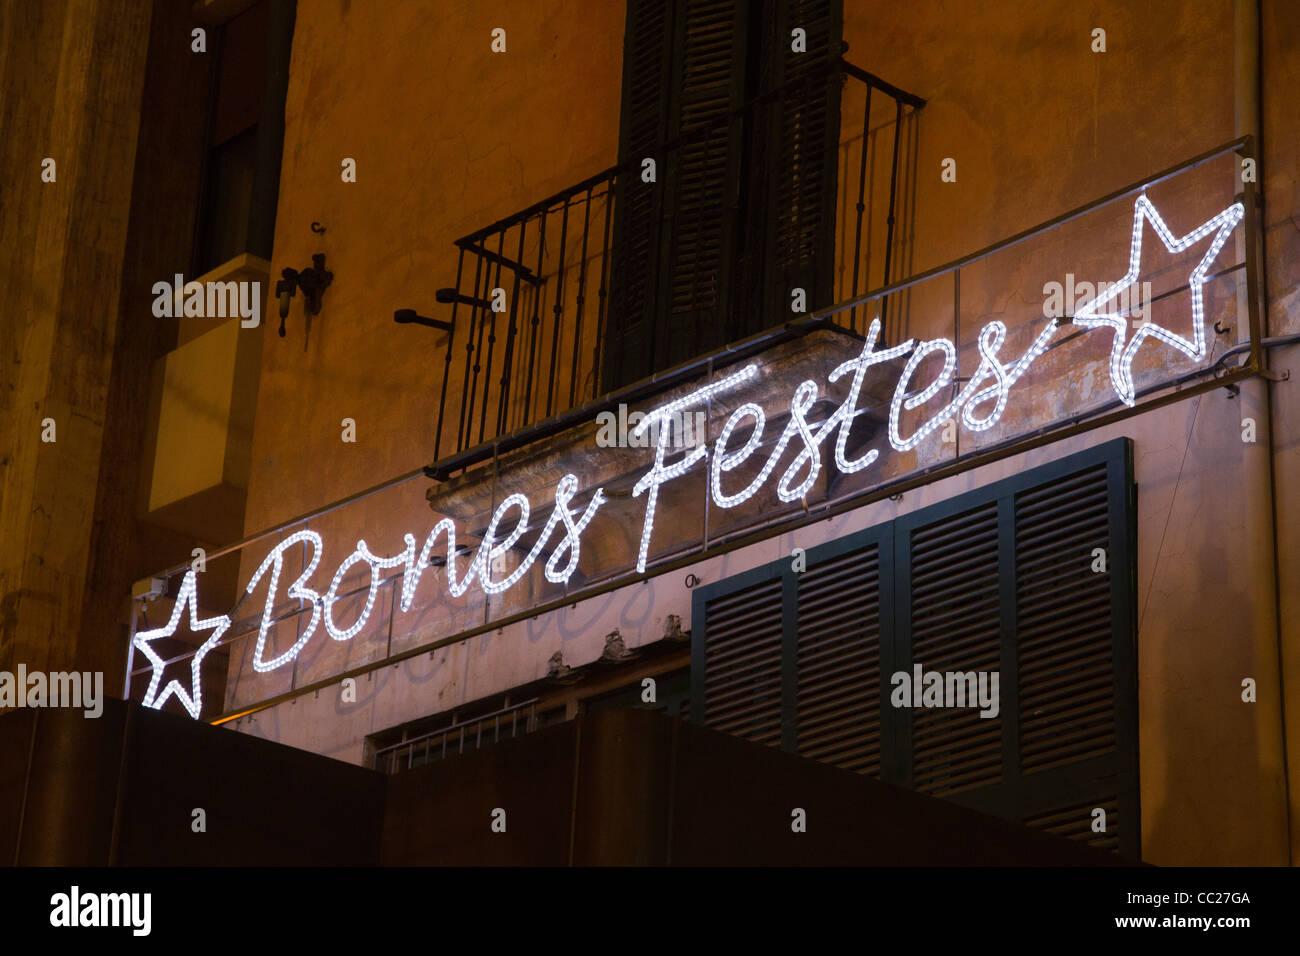 Decoraciones de Navidad Felices fiestas luces luminosas en calle España Europa Imagen De Stock